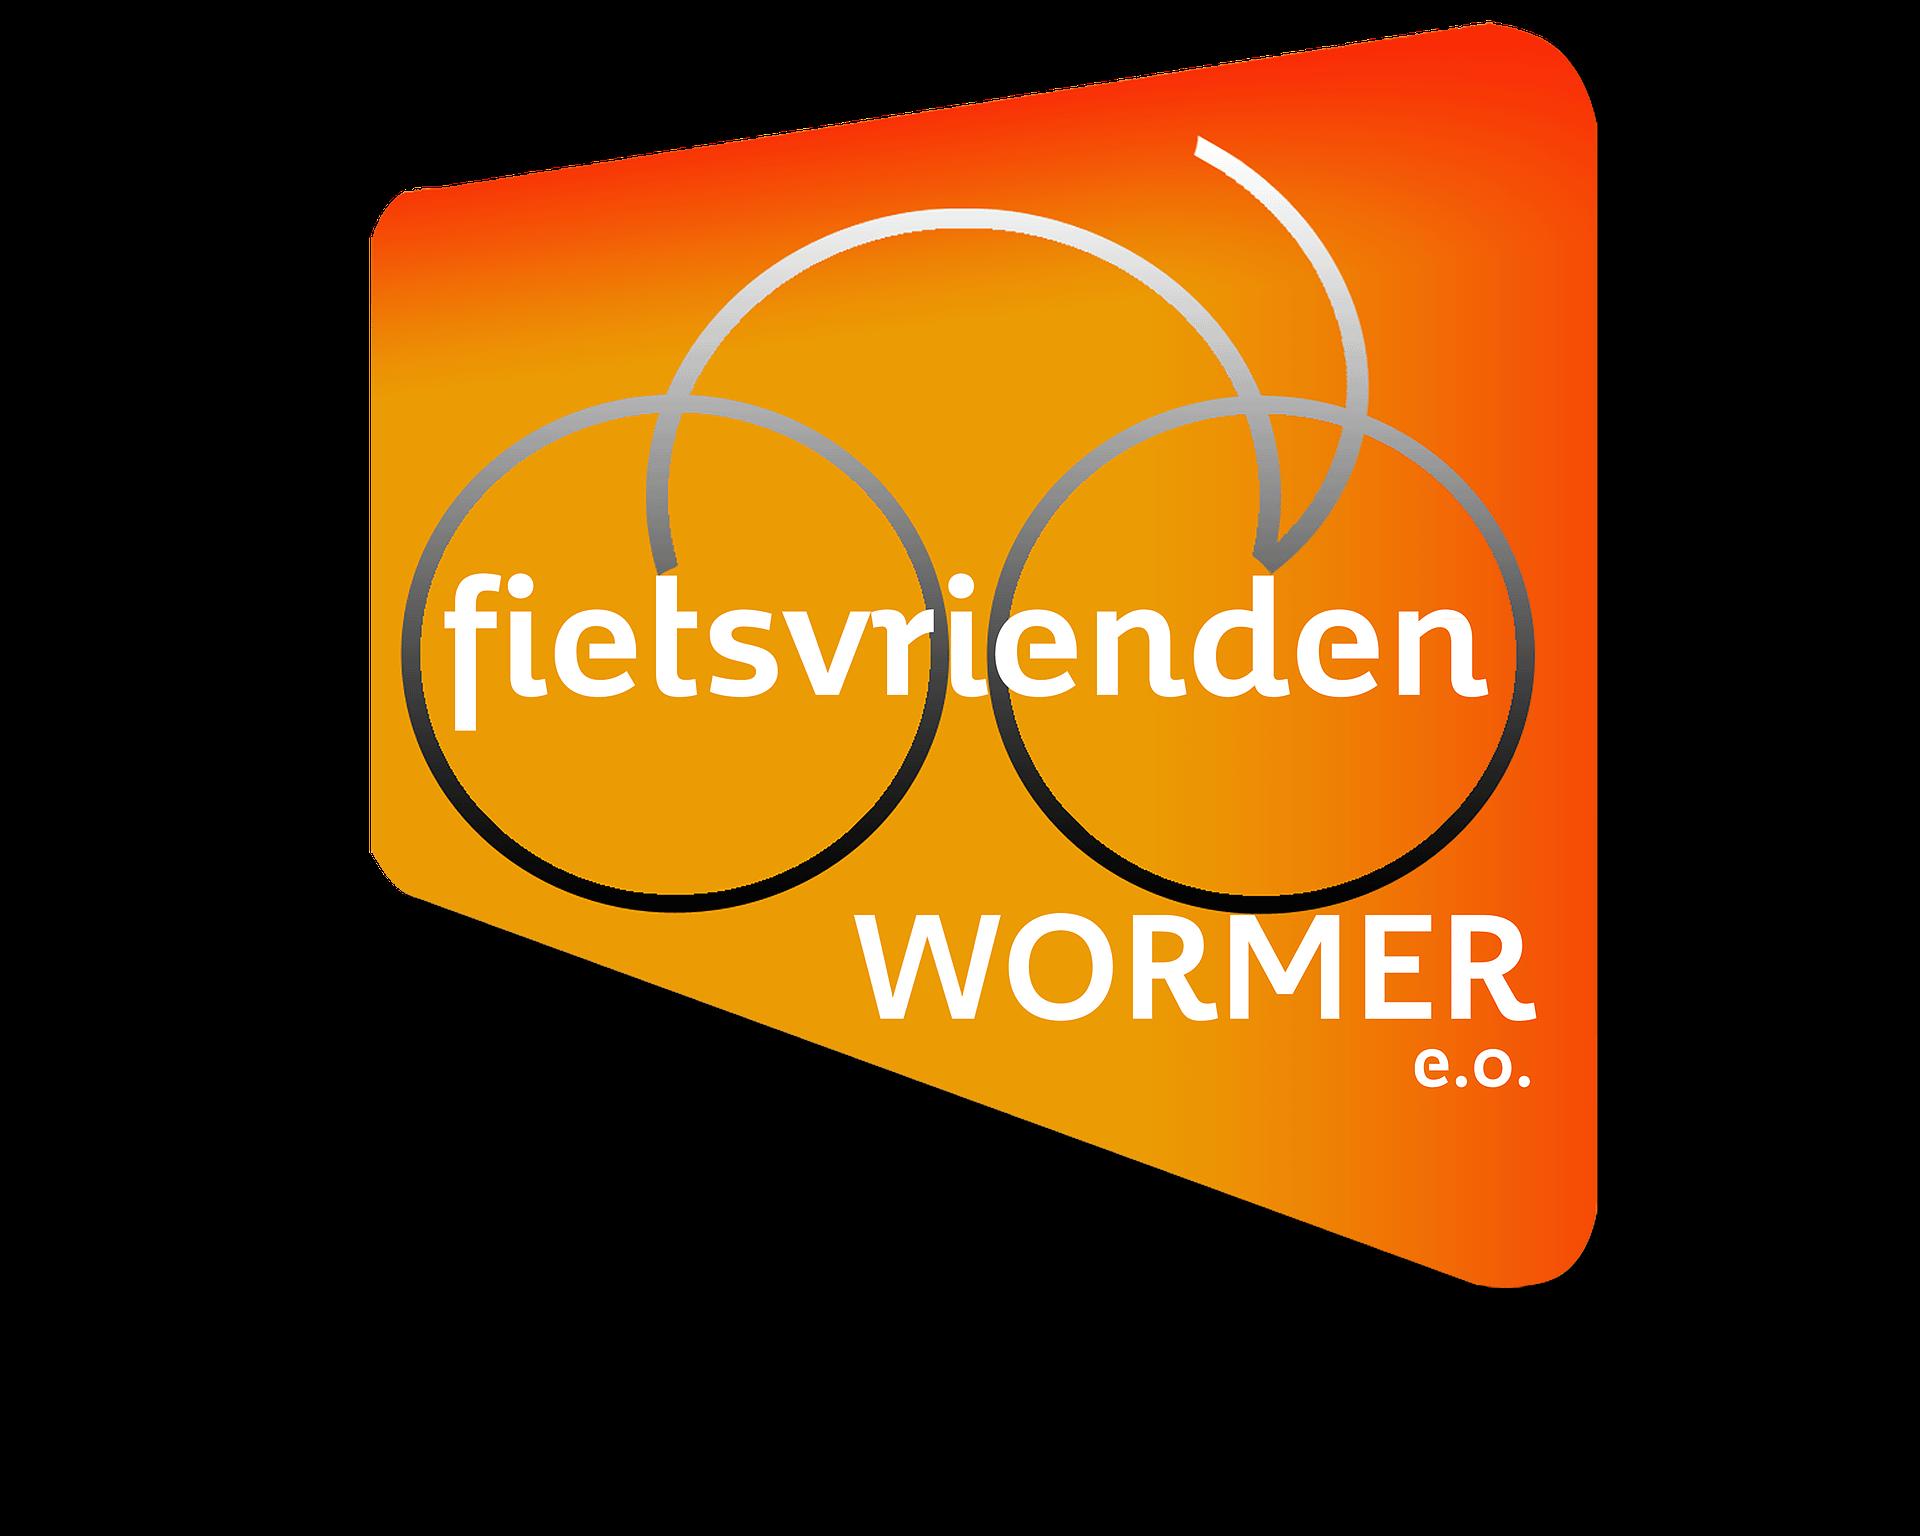 fietsvriendenwormer.nl